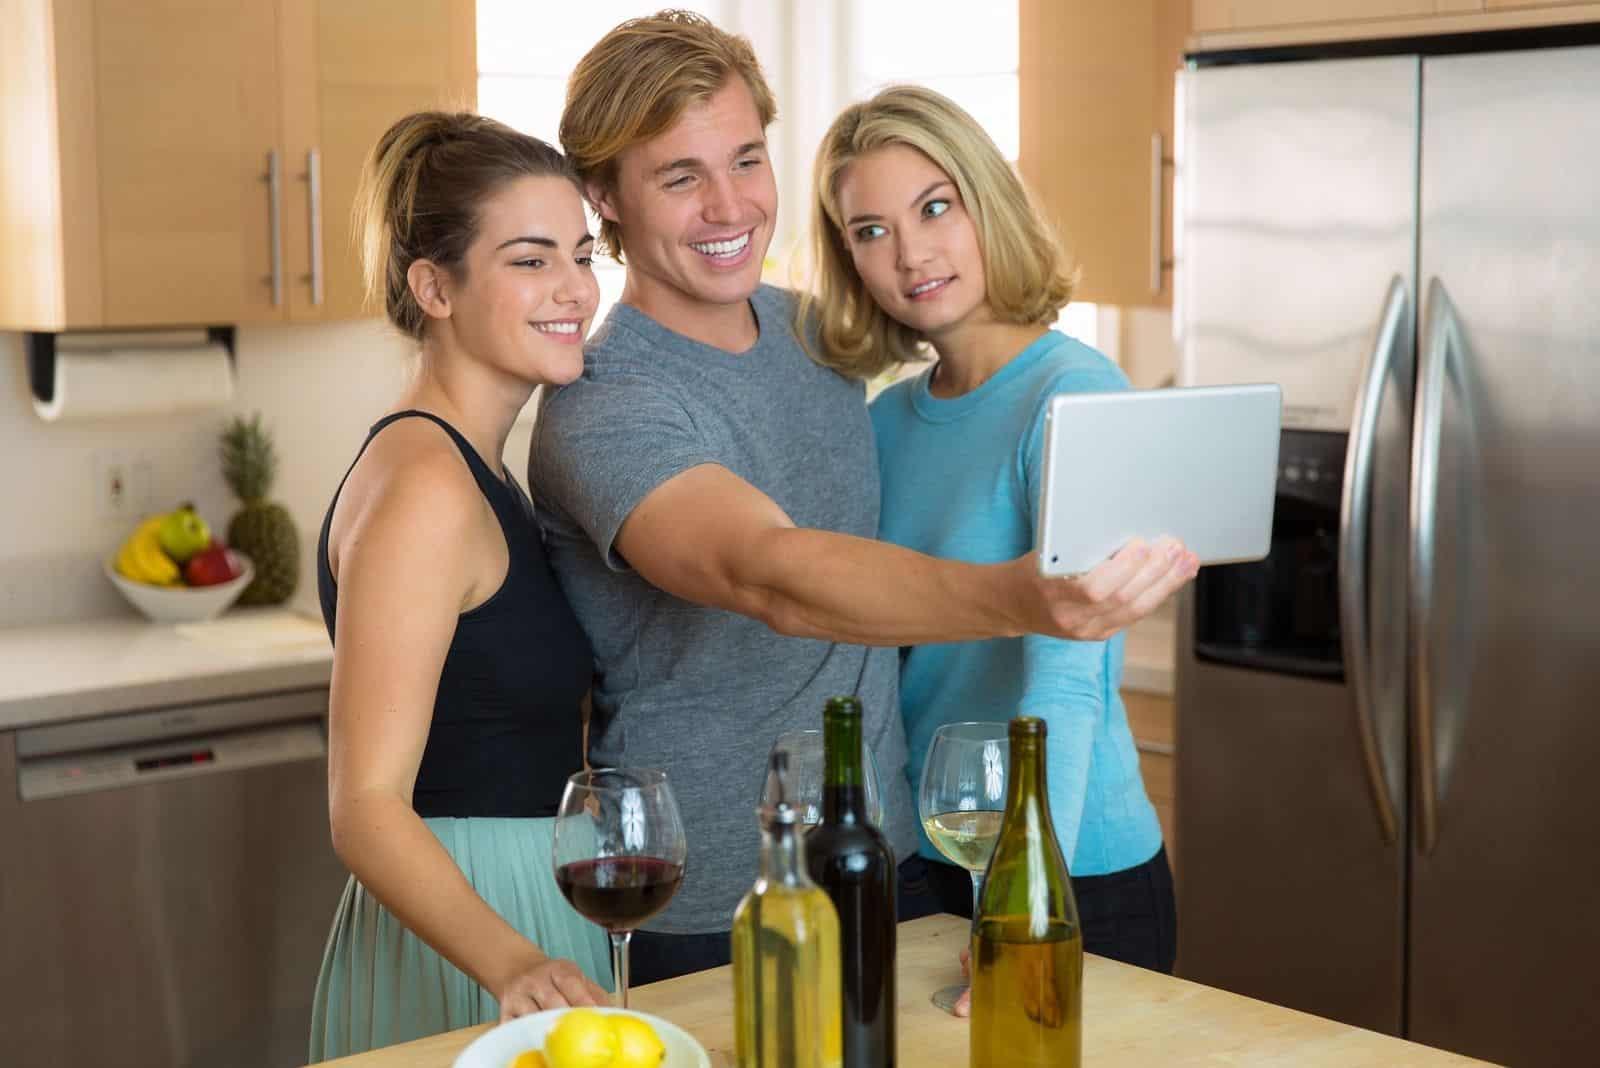 Frau ist eifersüchtig wie nah ihre Freundin ihrem Freund ist und ein Selfie macht